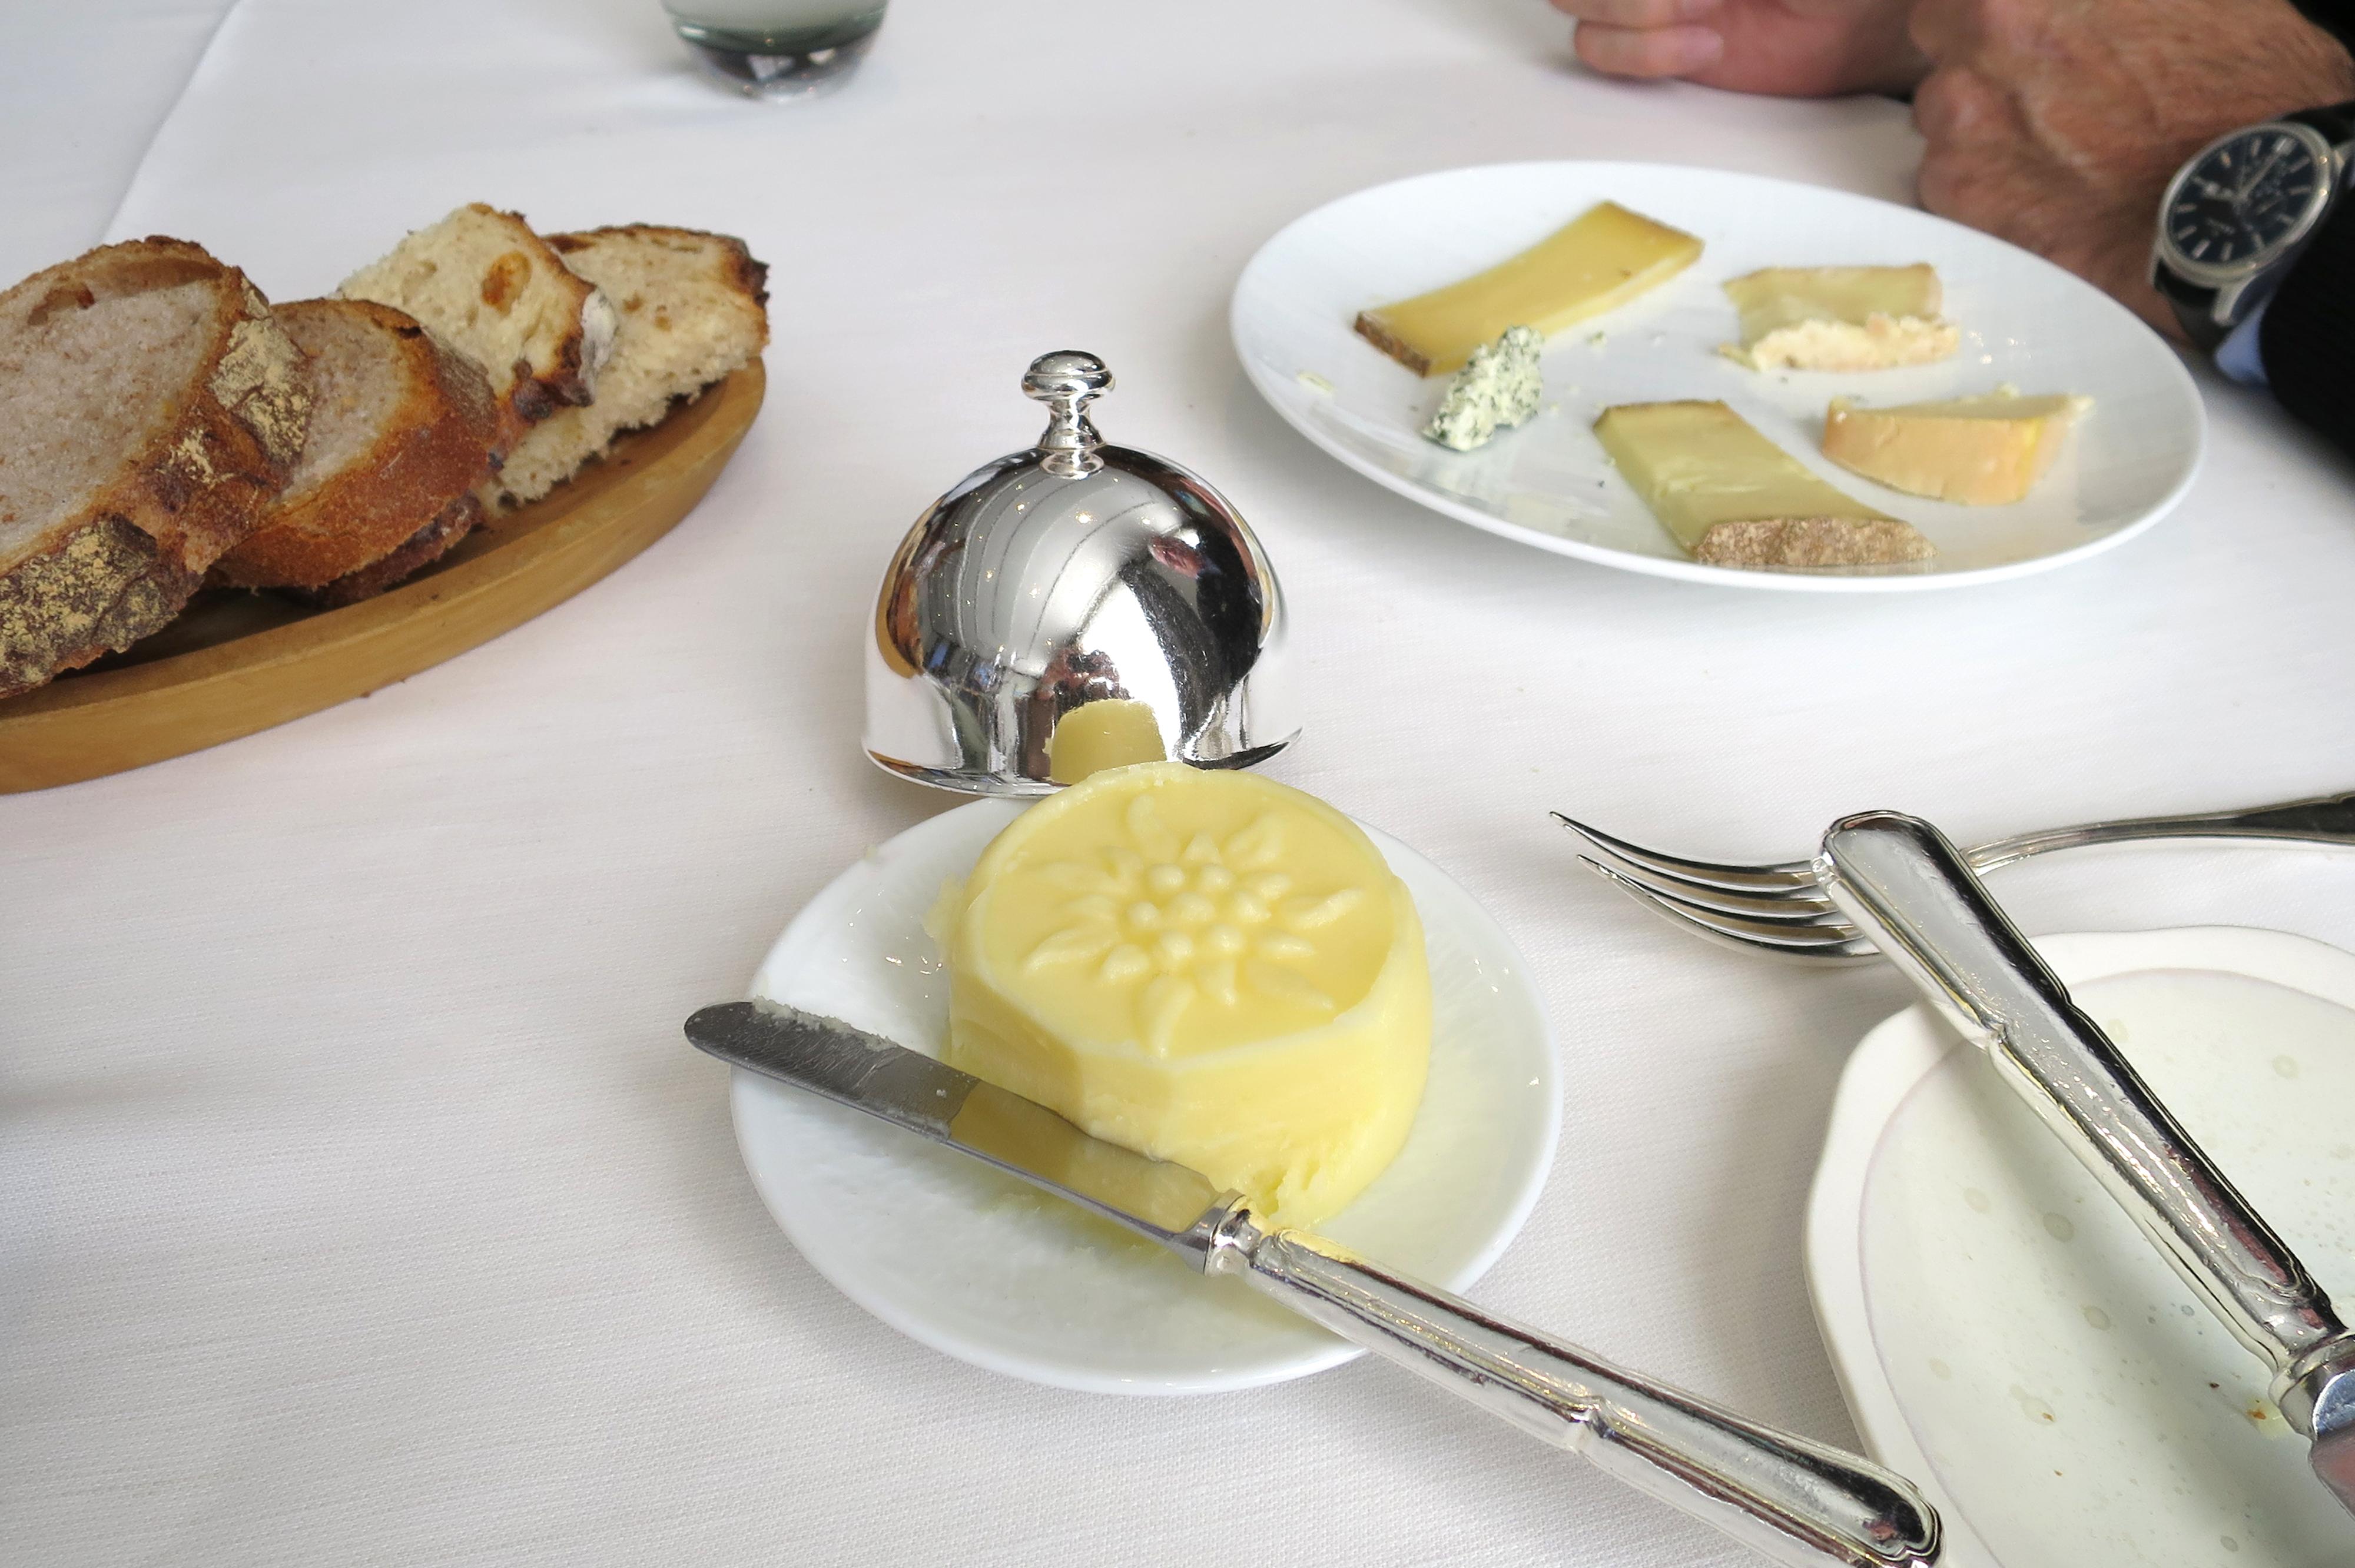 Fromages suisses - delimoon.com - le Pont de Brent